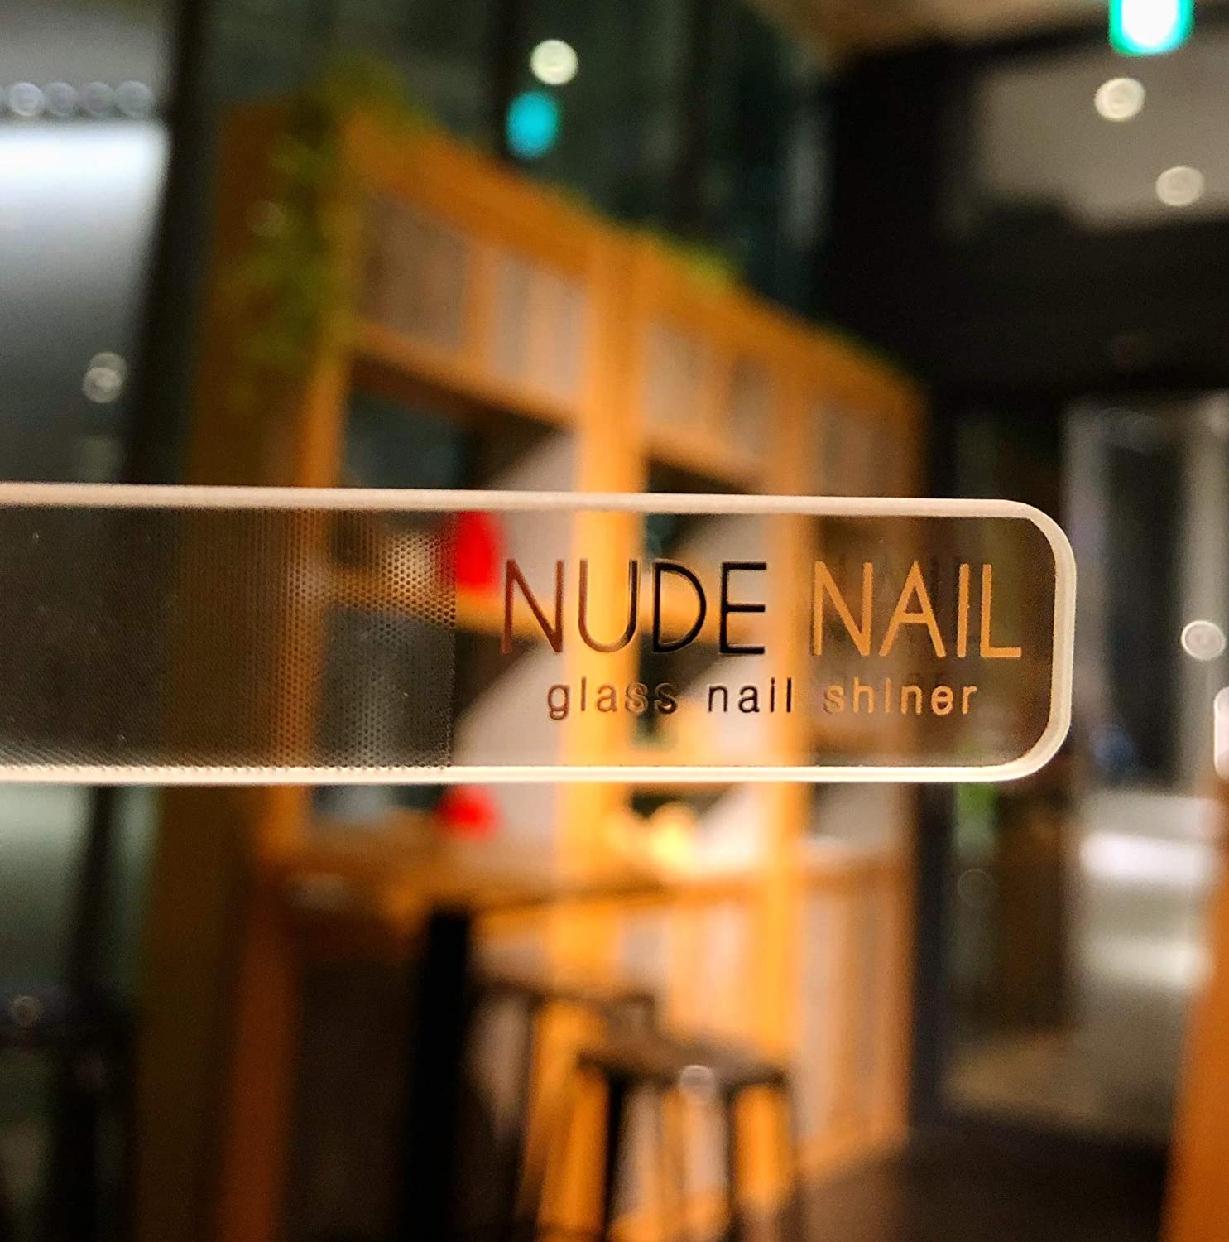 NUDE NAIL(ヌードネイル) ヌードネイル グラスネイルシャイナーの商品画像7